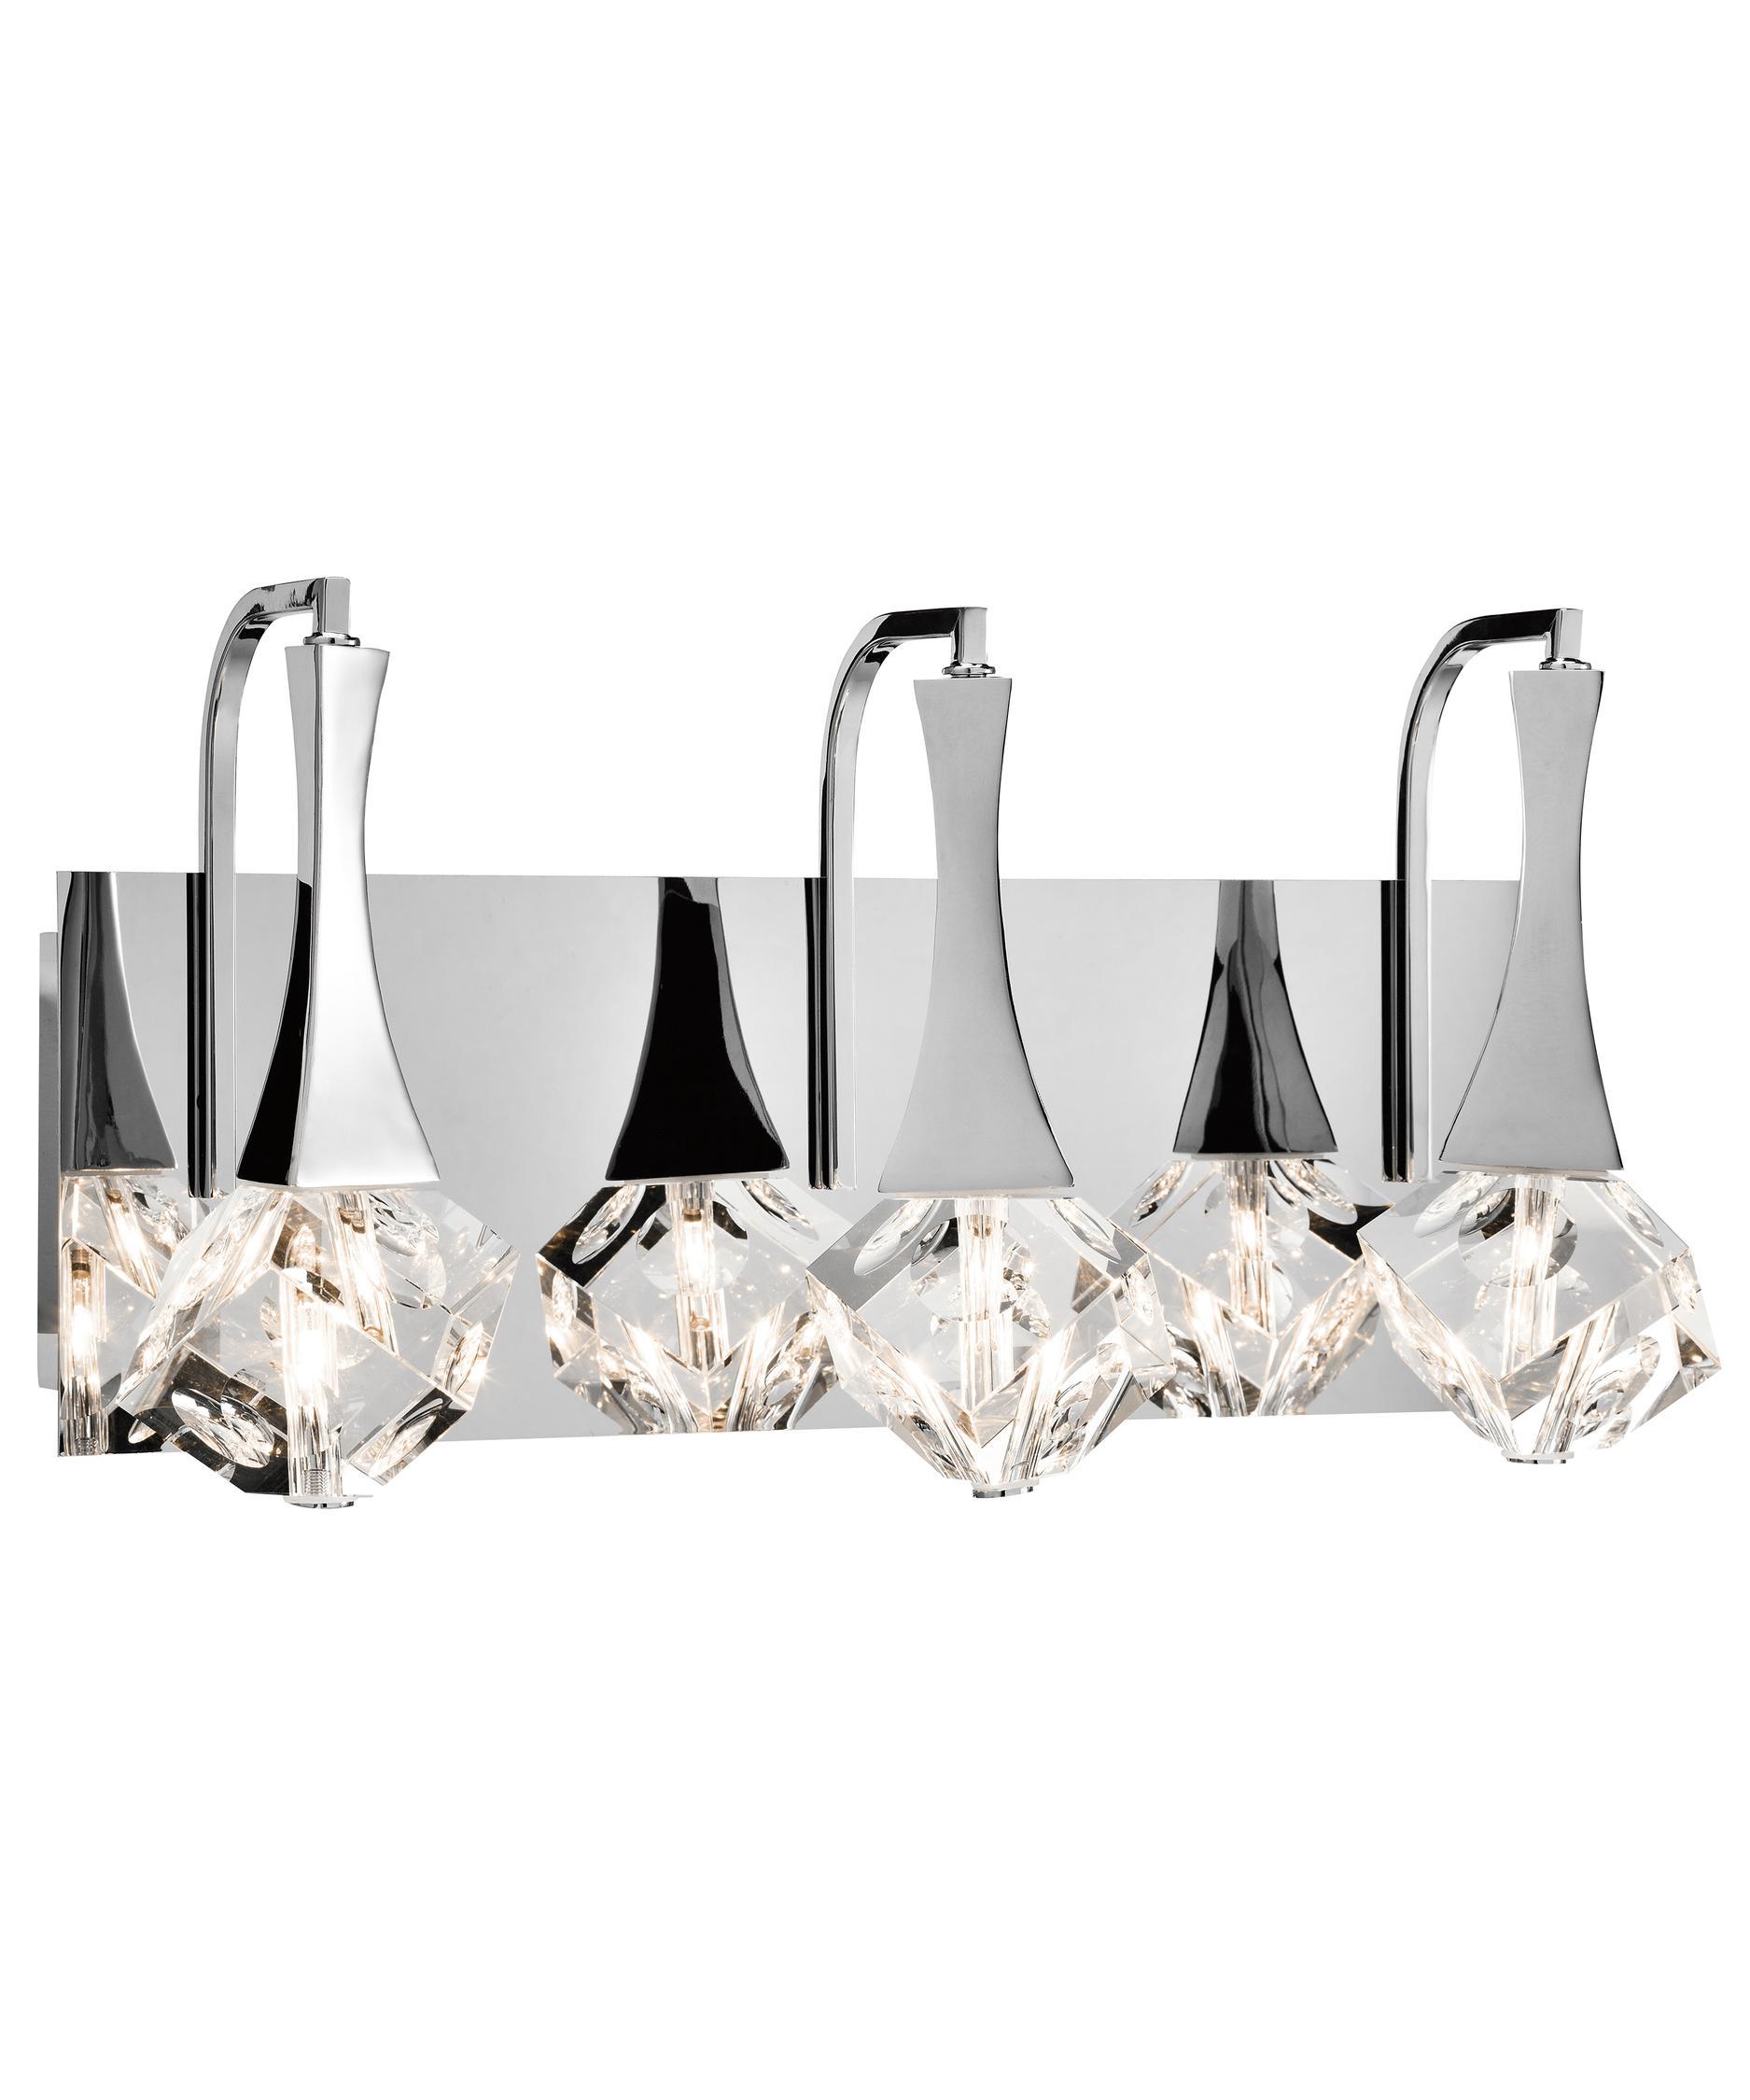 Bathroom Vanity Lighting Crystal elan 83136 rockne 18 inch wide bath vanity light | capitol